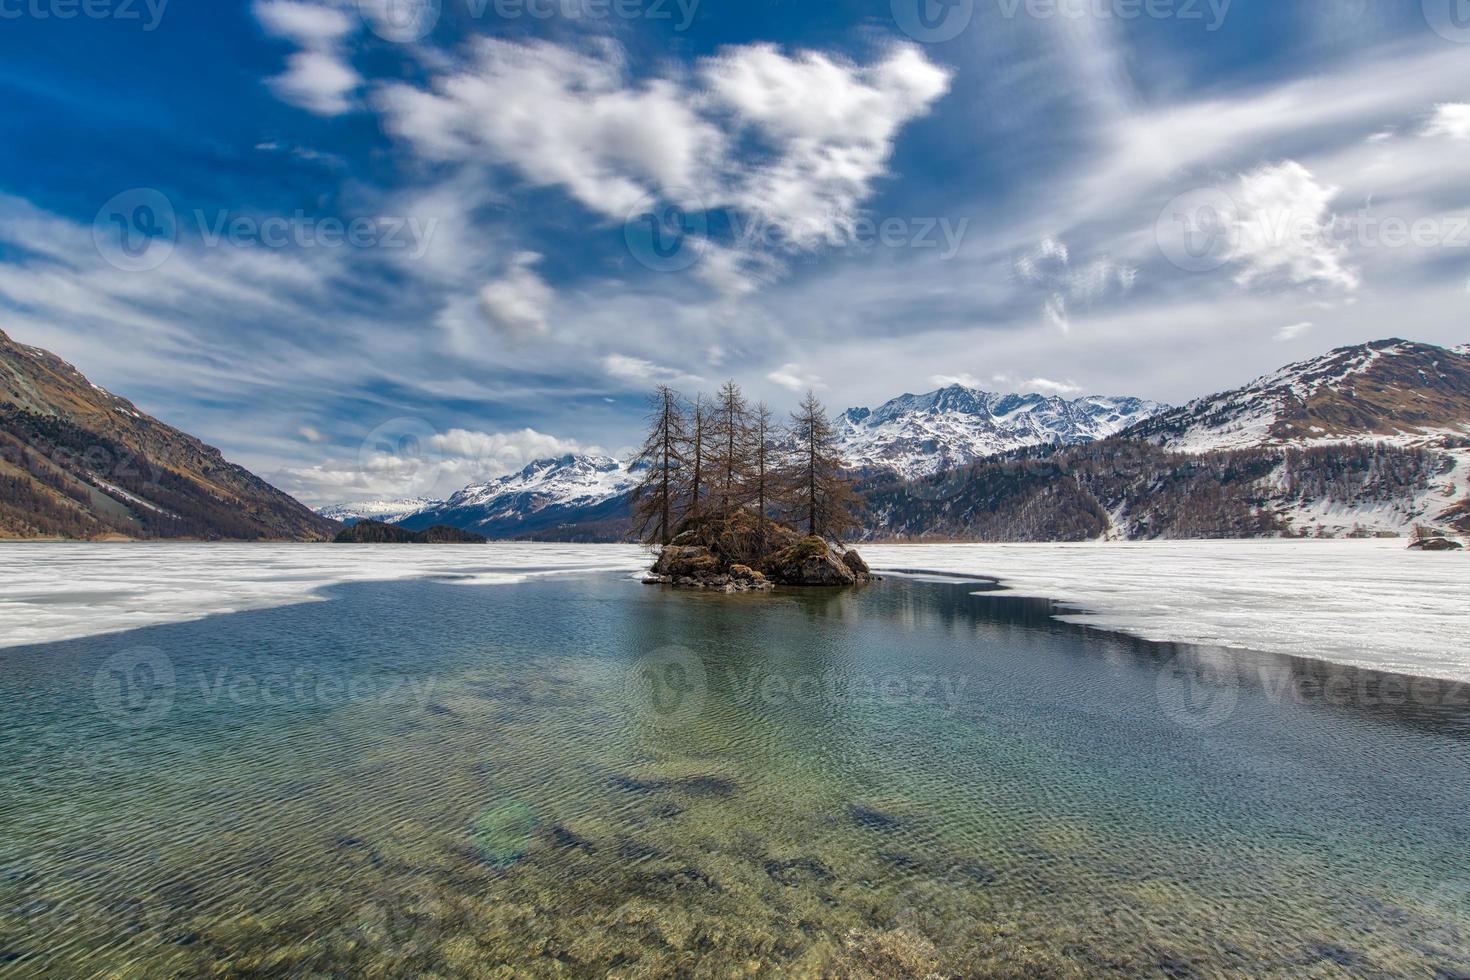 disgelo nel lago delle alpi svizzere. piccolo isolotto foto